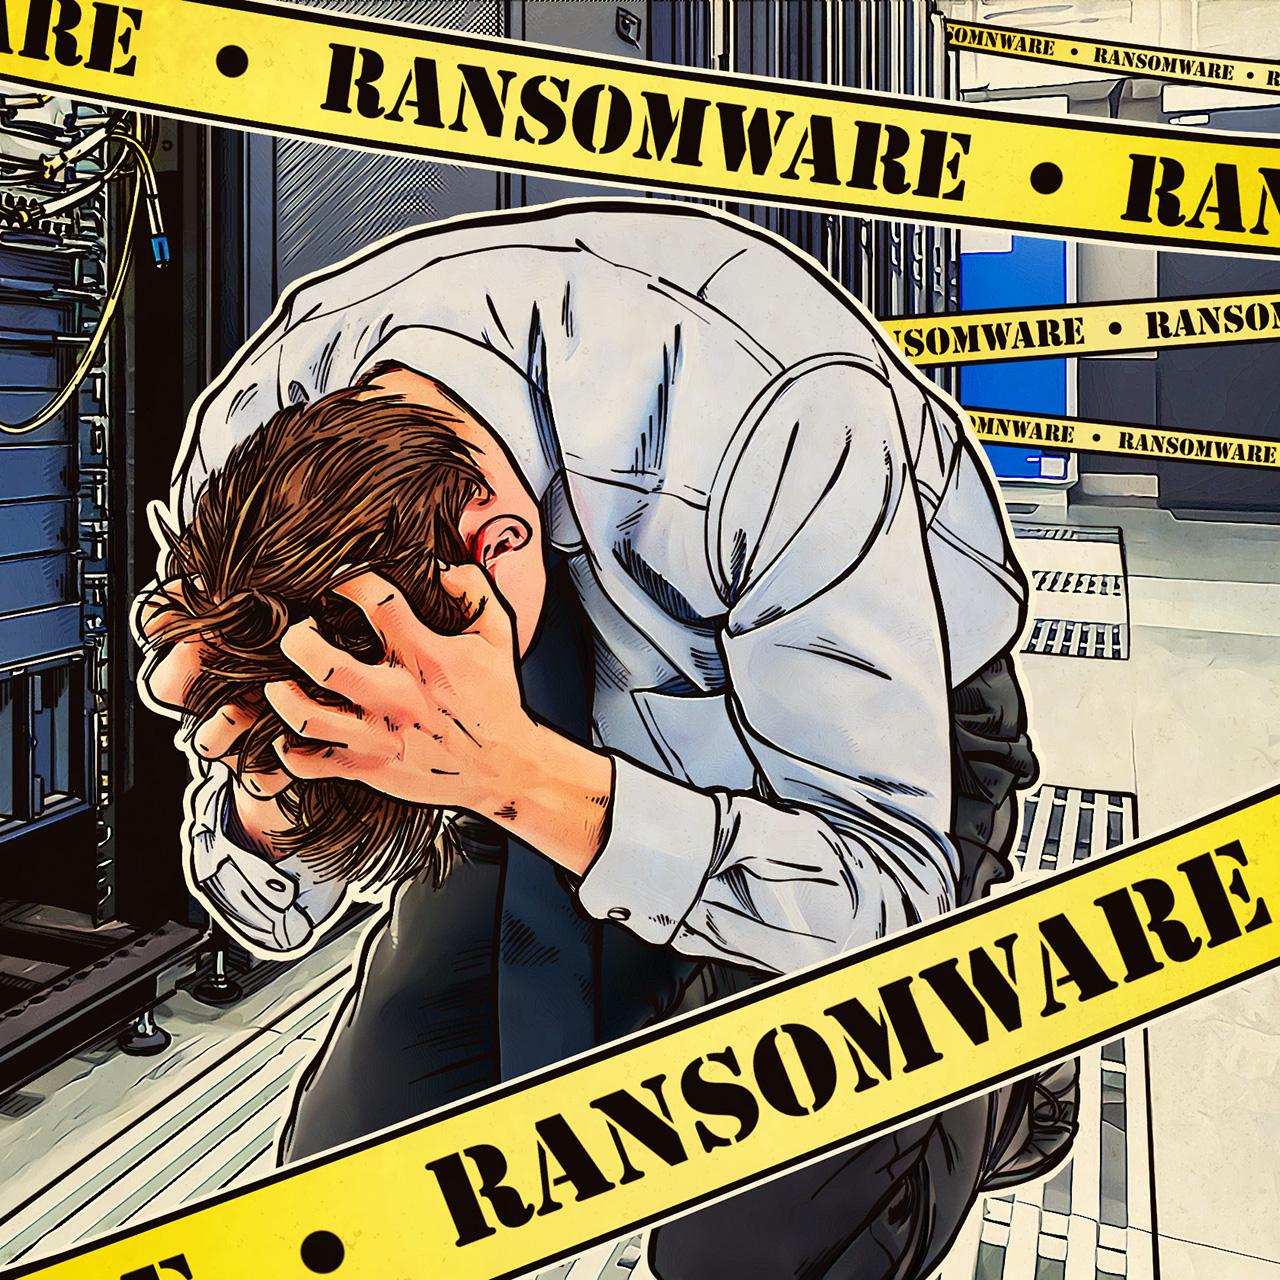 KSN Ransomware Report